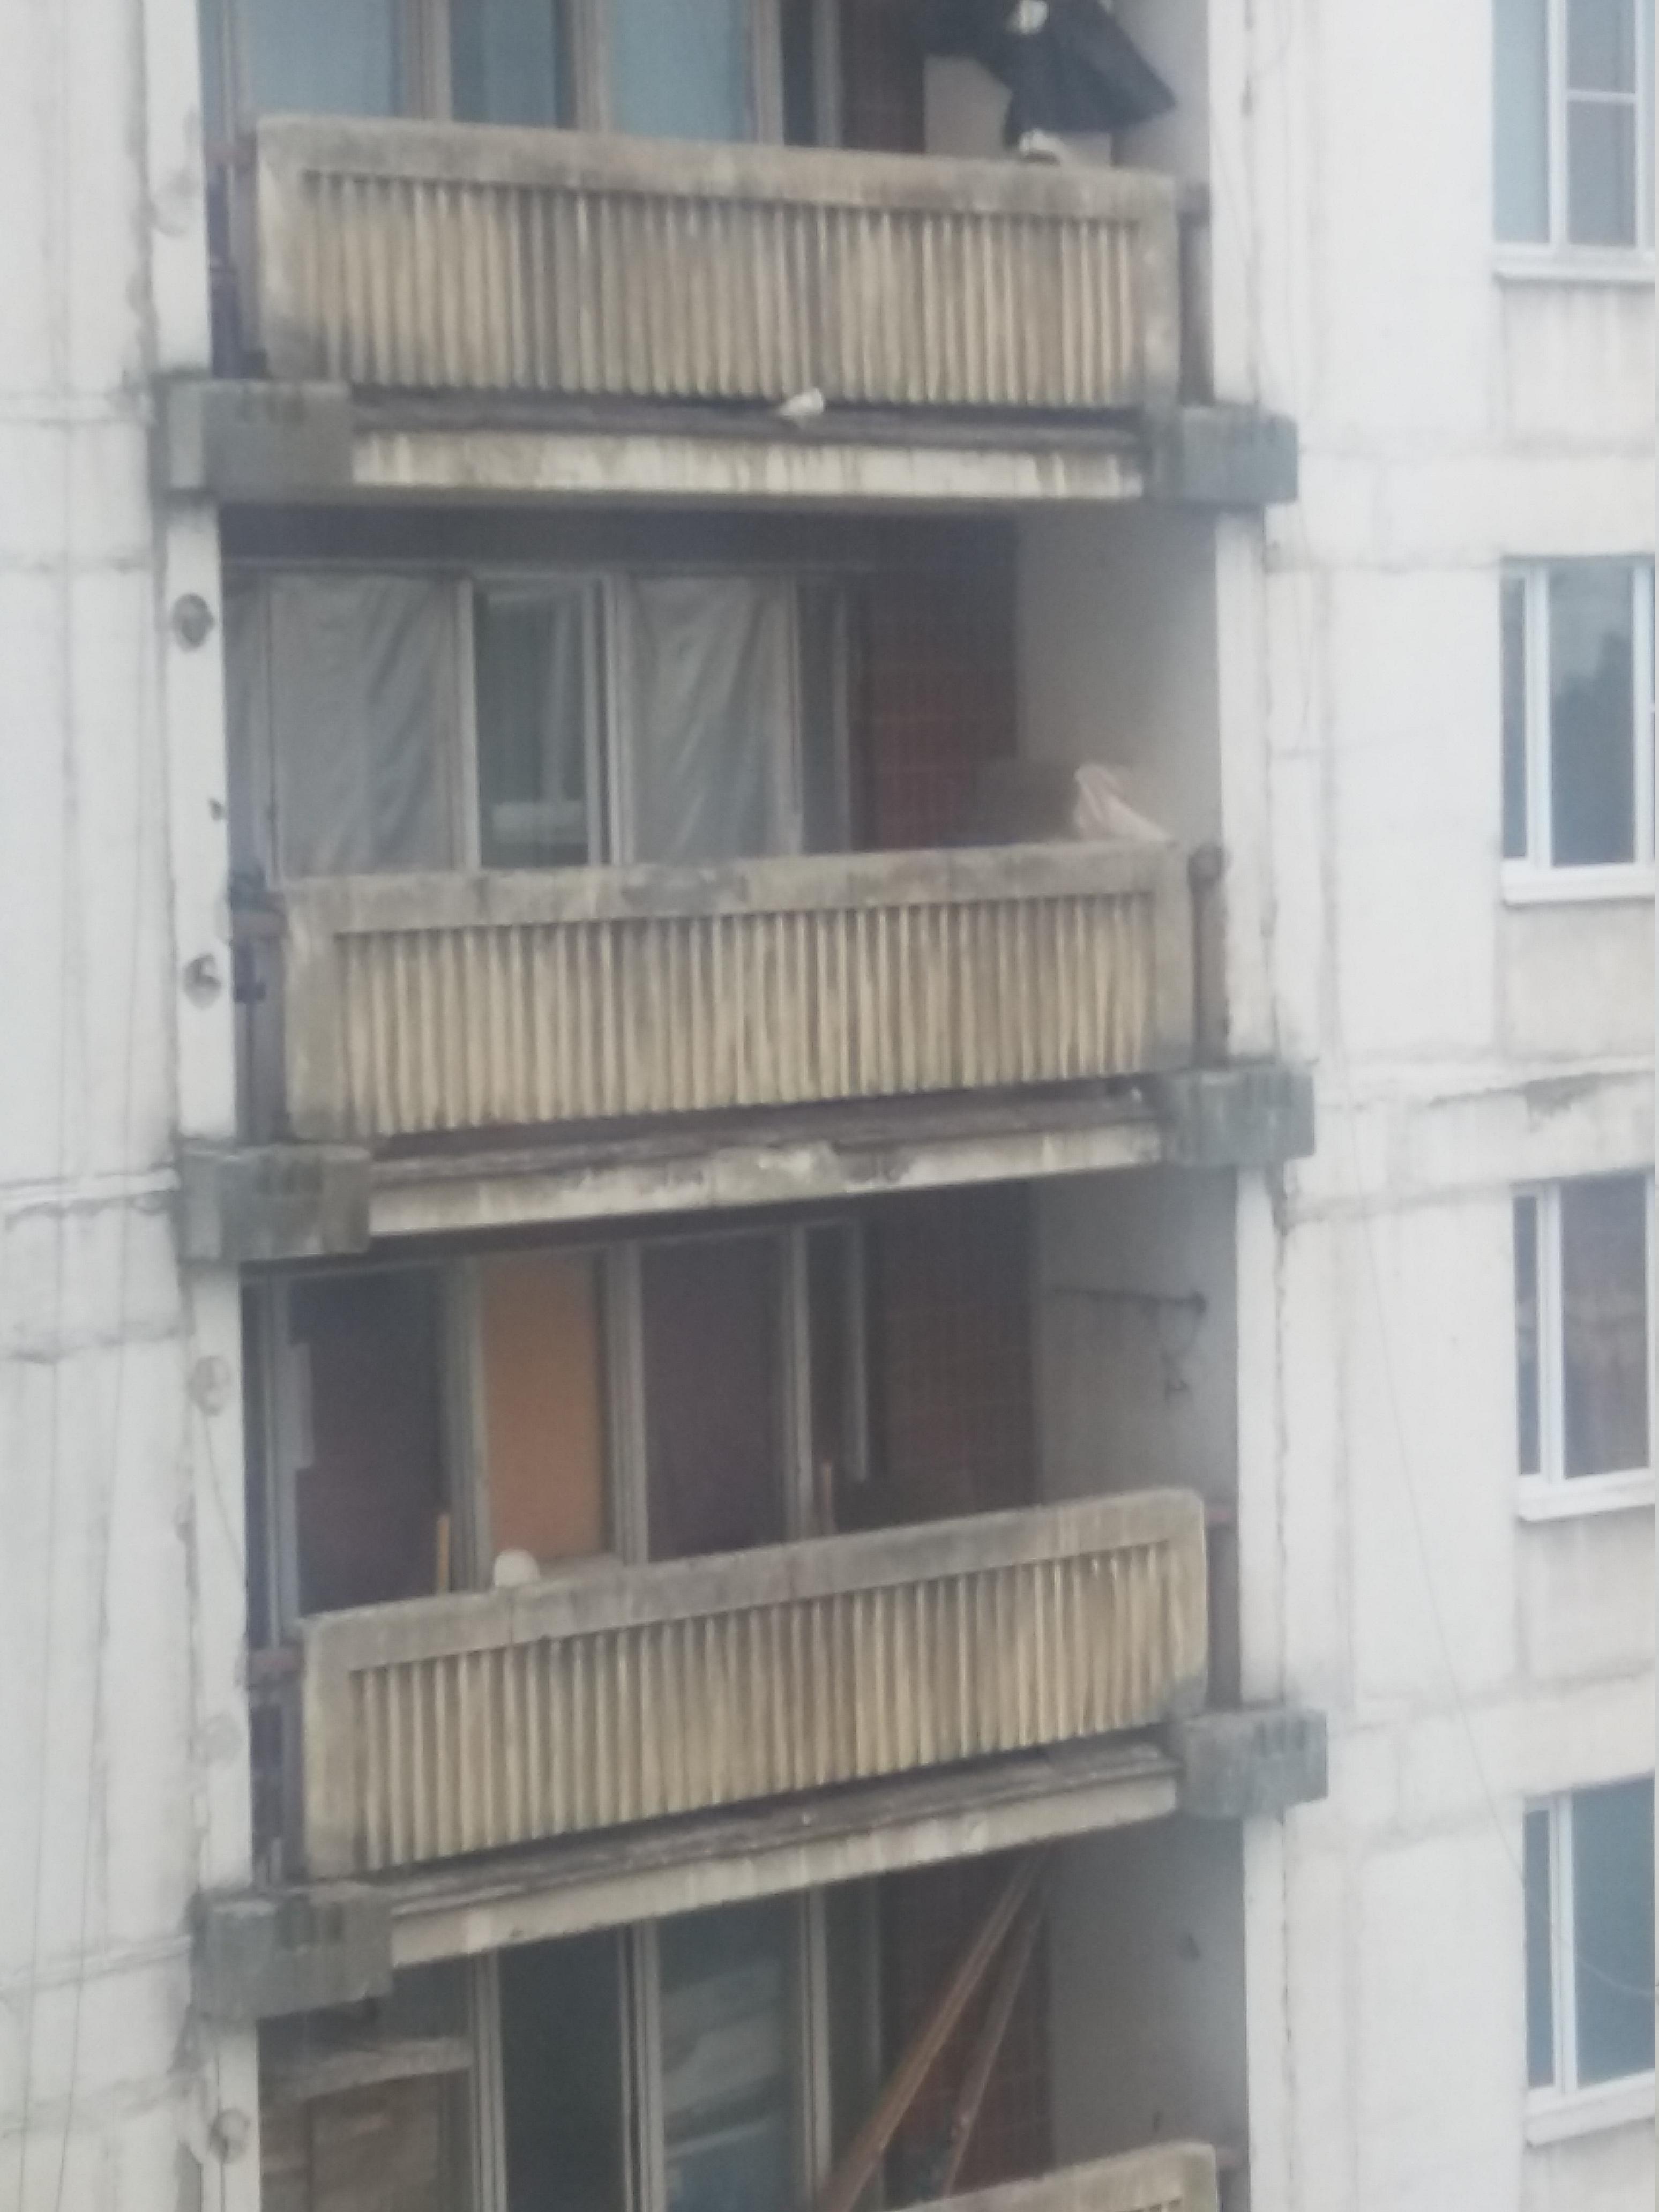 Москва. Состояние лоджий в одном из зданий на Ярославском шоссе